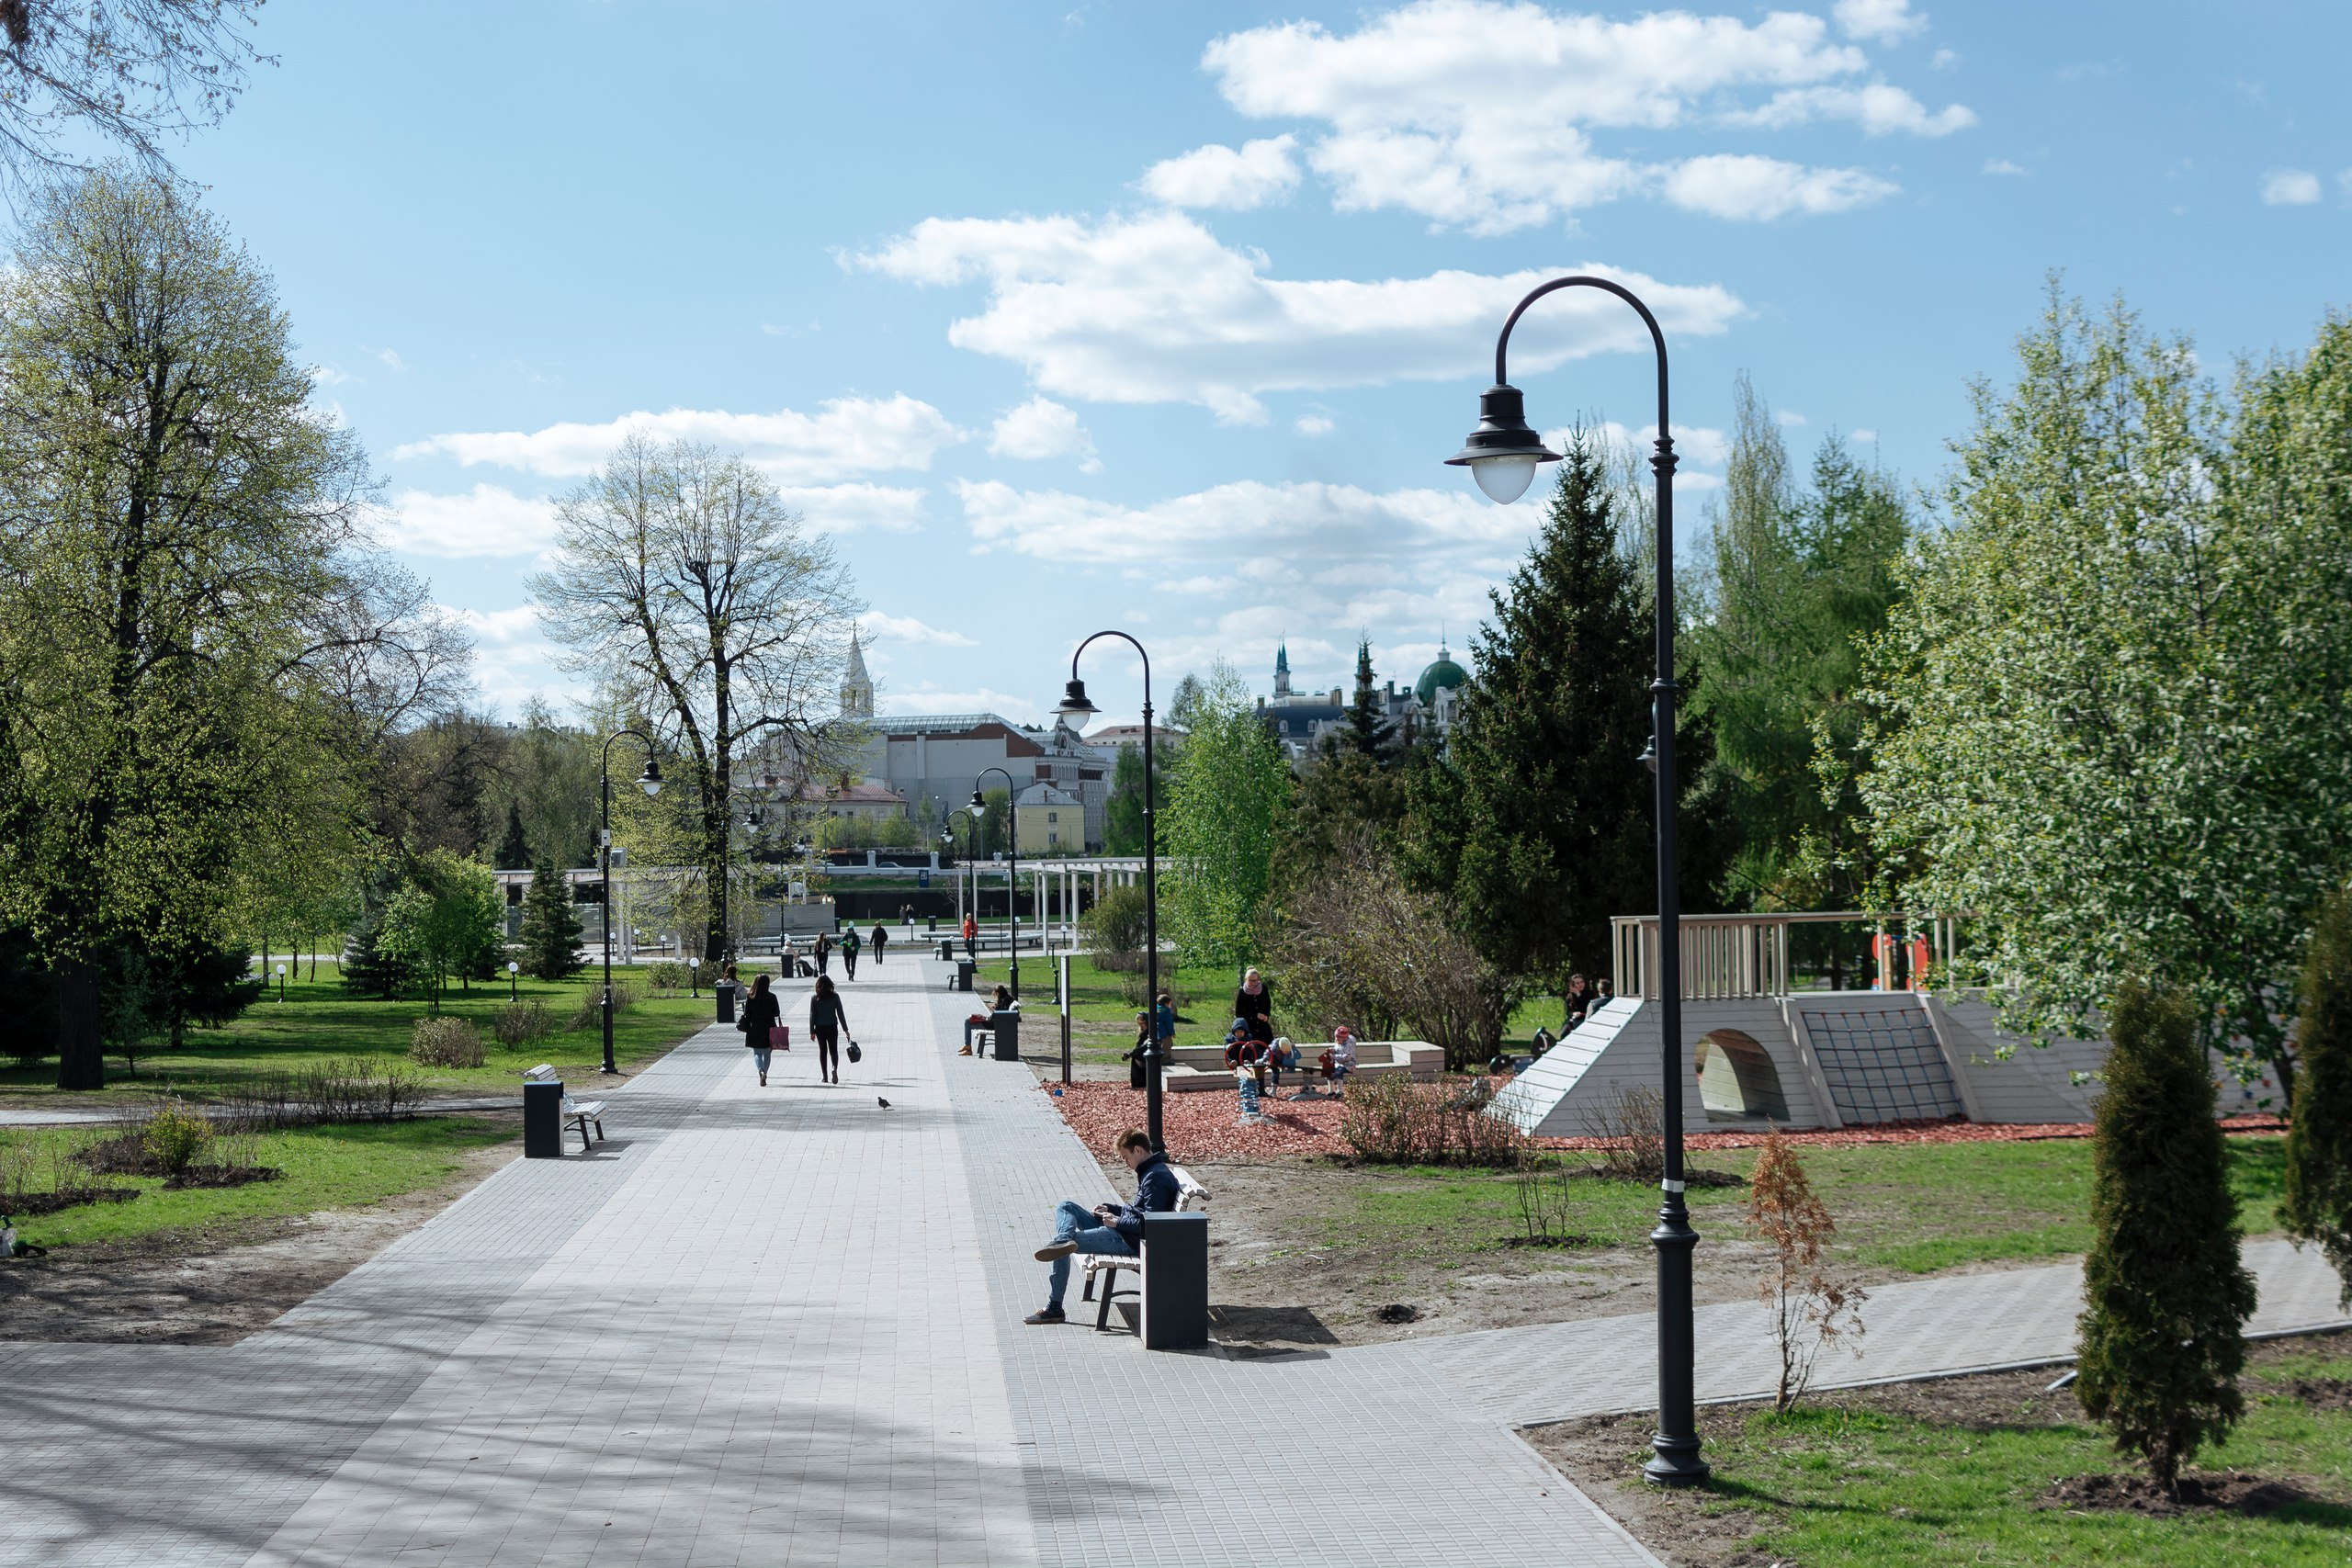 Так выглядит парк сейчас. Фото: archimetal.ru